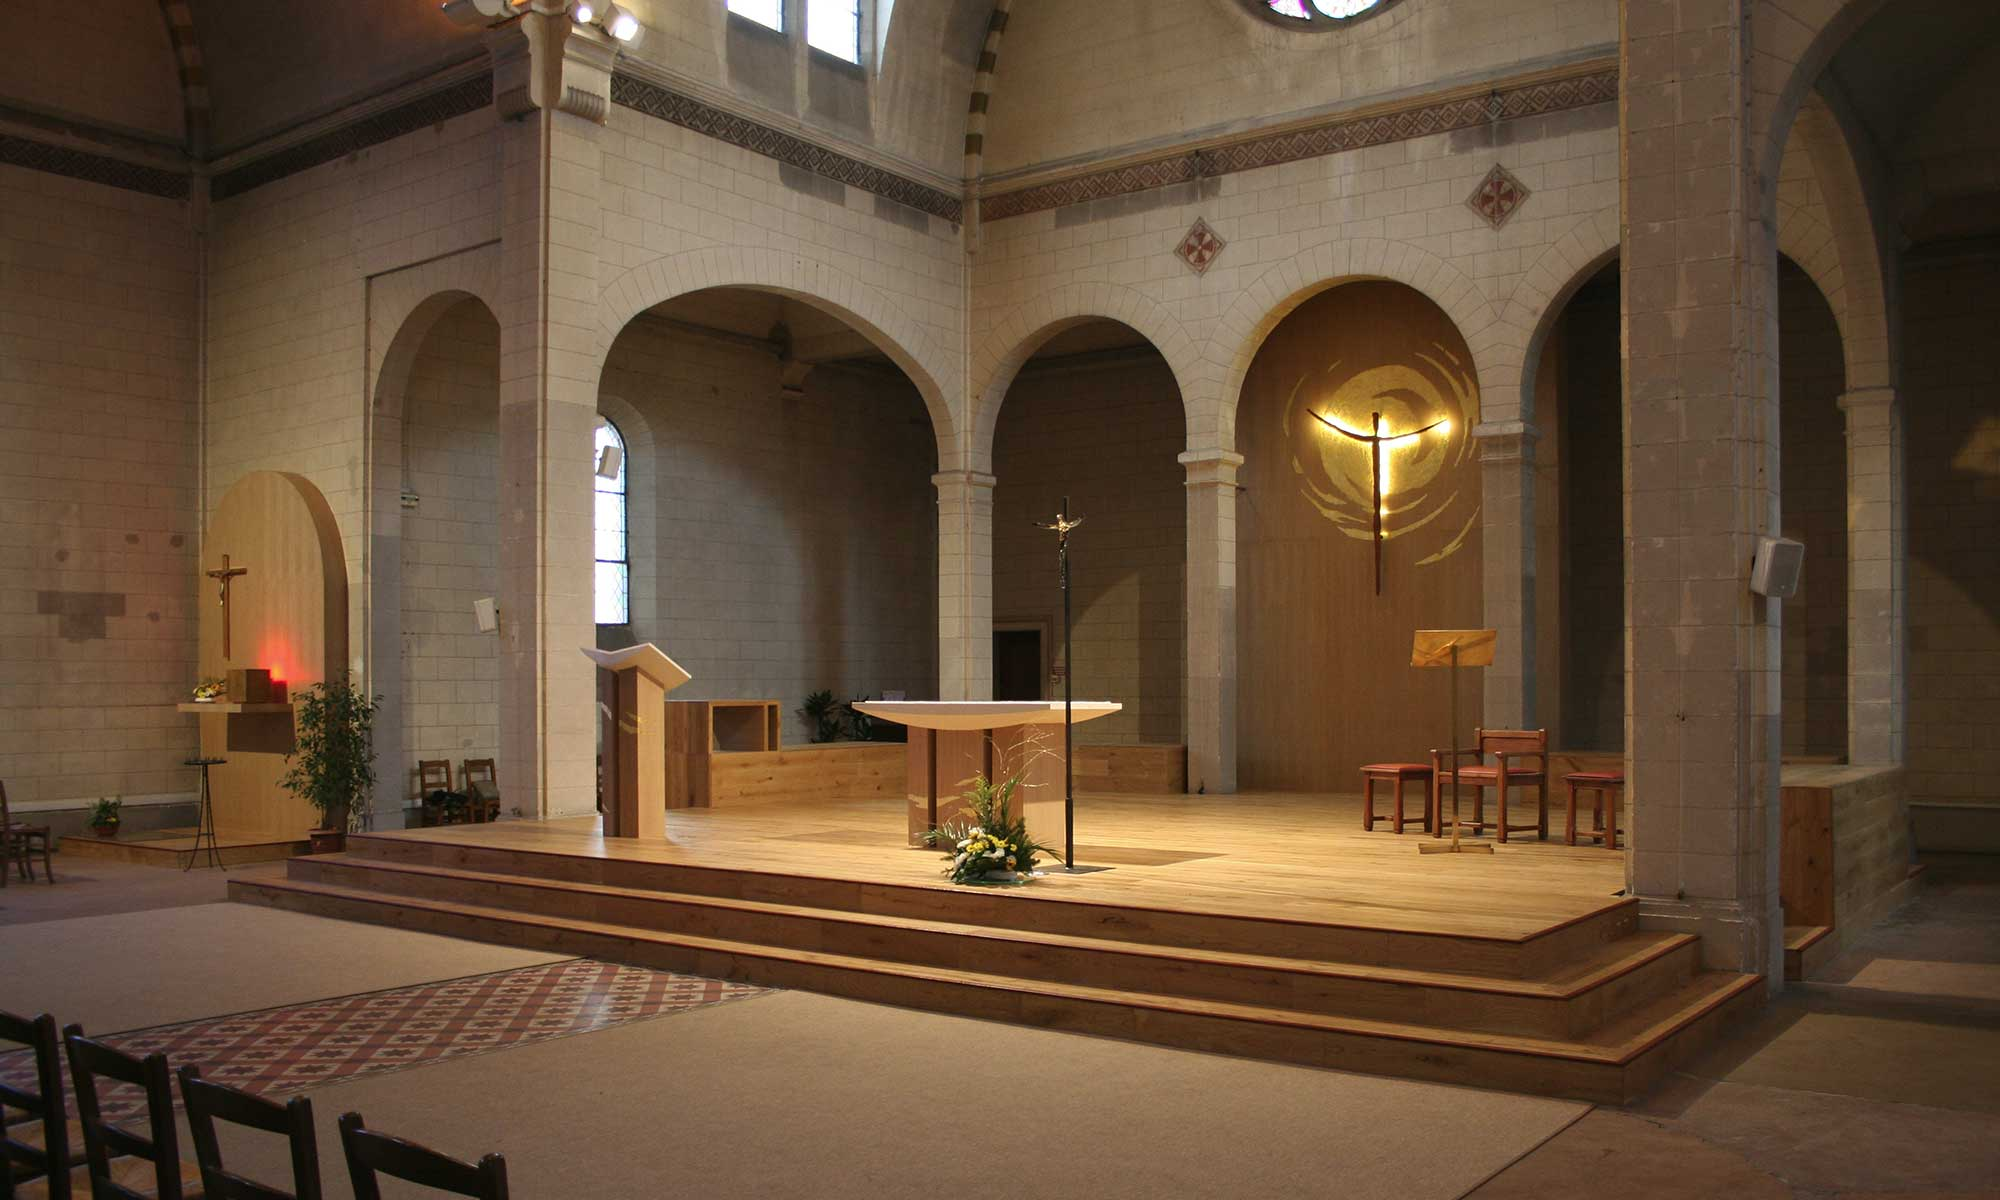 Espace liturgique contemporain Église Notre Dame du Sacré Cœur, Maisons Alfort